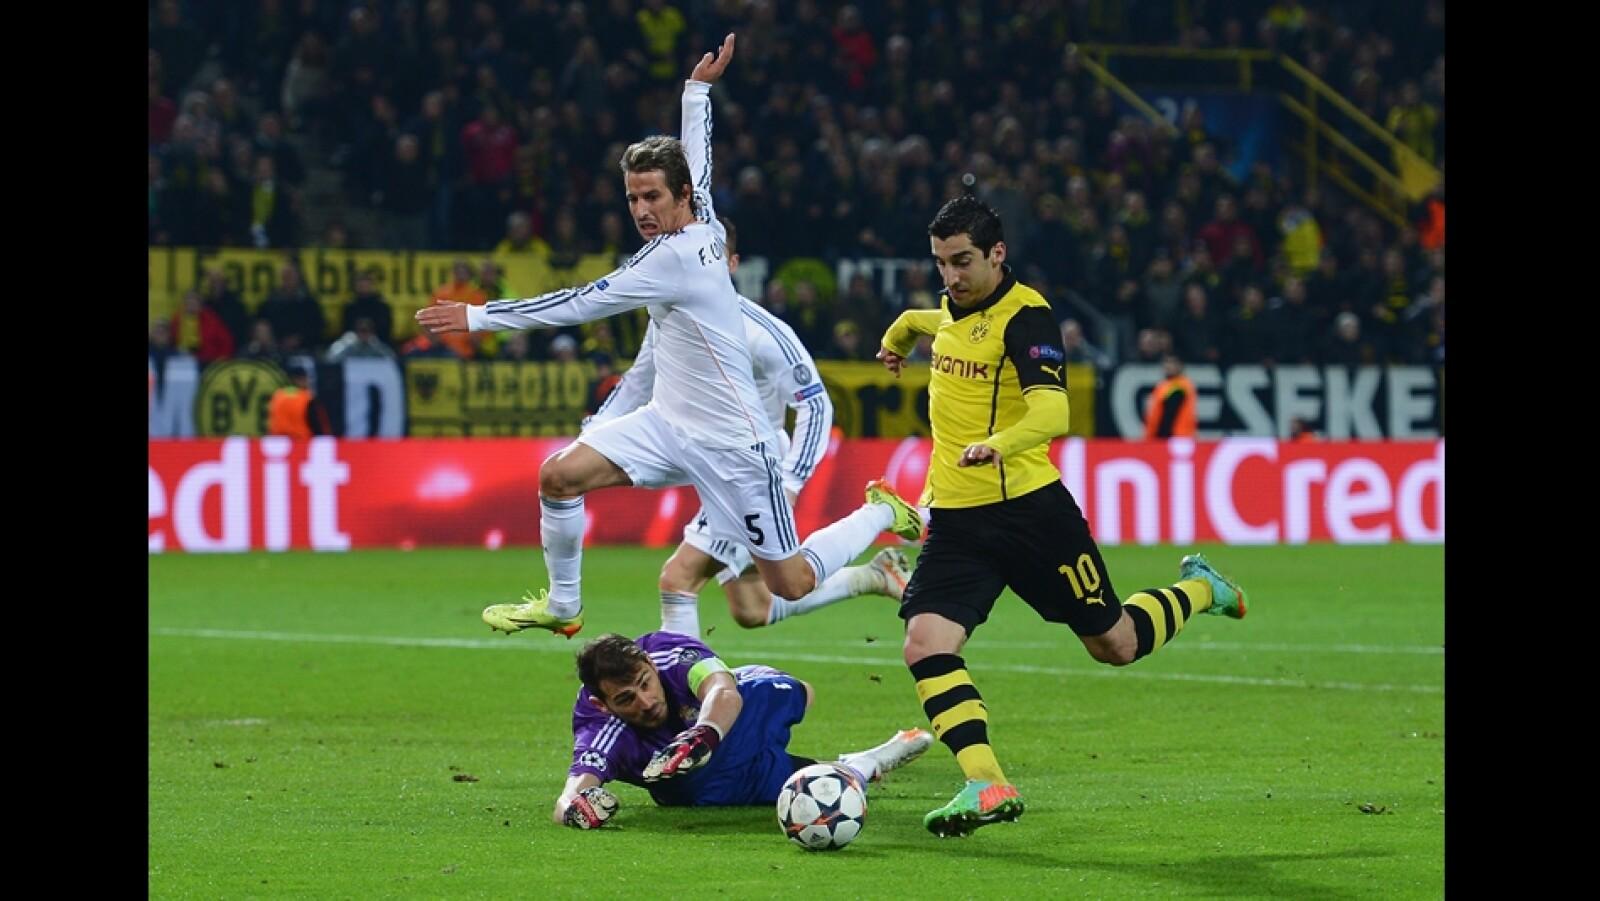 Henrikh Mkhitaryan de Borussia Dortmund falla una oportunidad de gol por una salida del portero de Real Madrid Iker Casillas